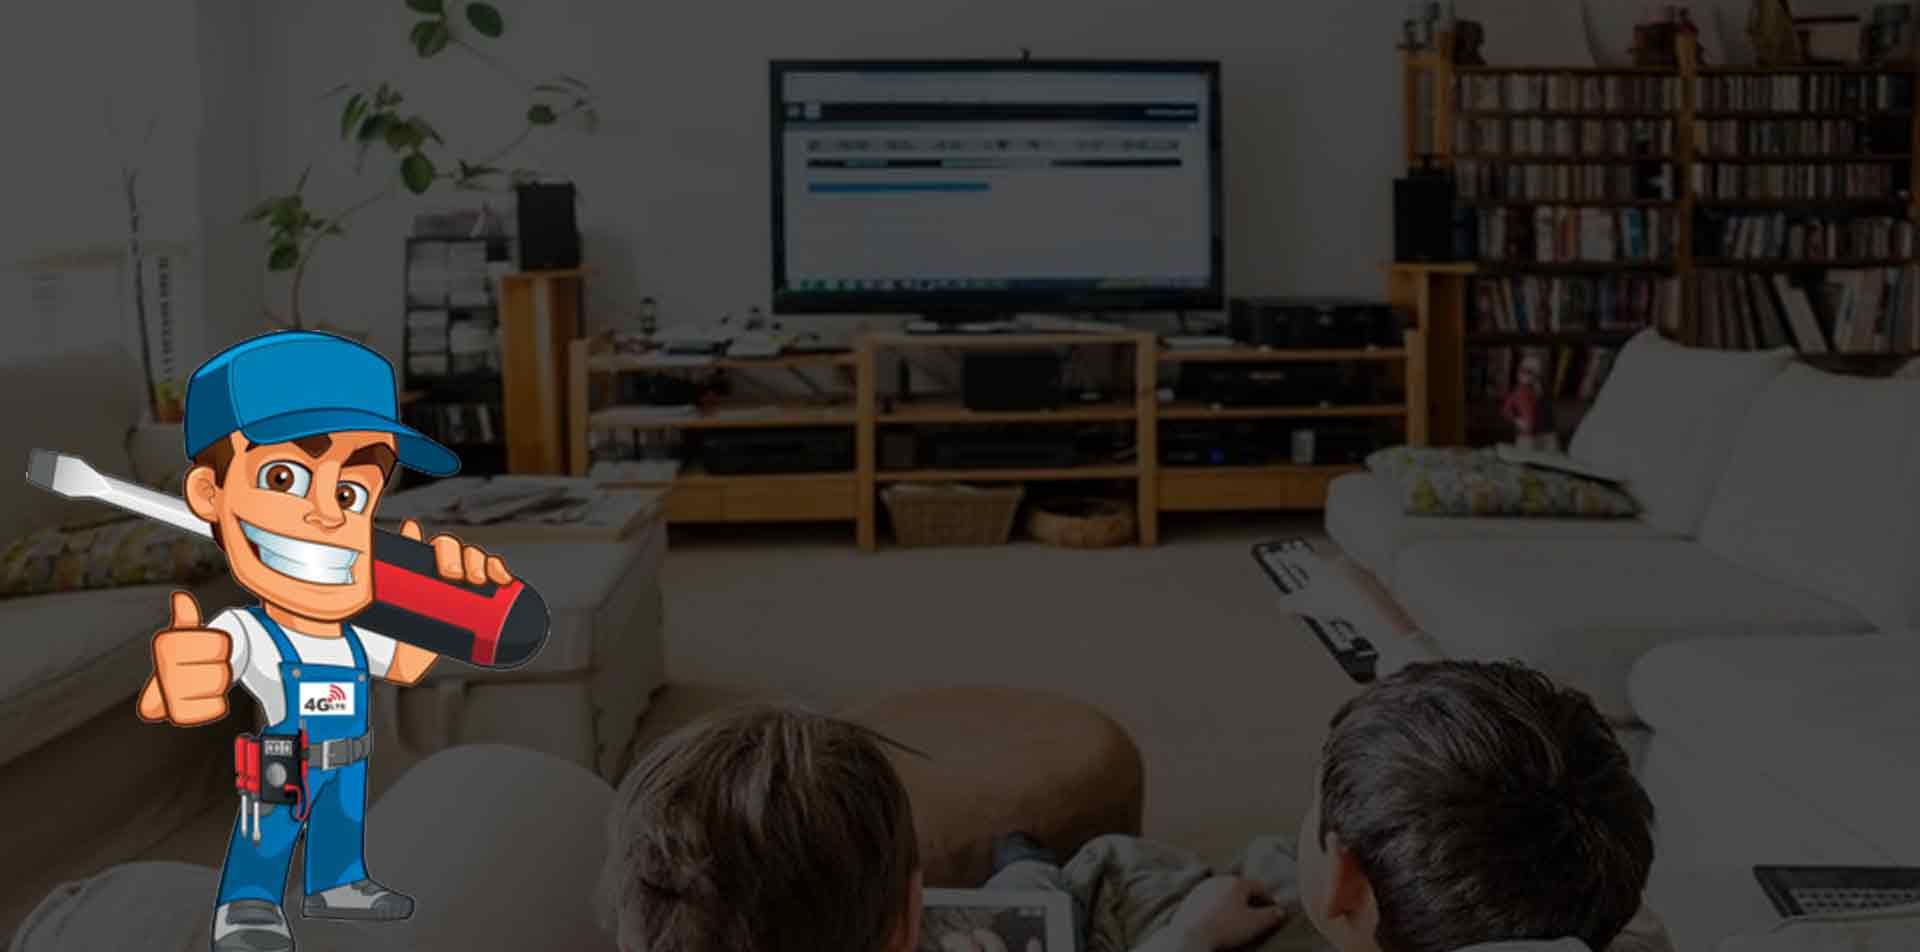 تعمیرات تلویزیون صنام در منزل